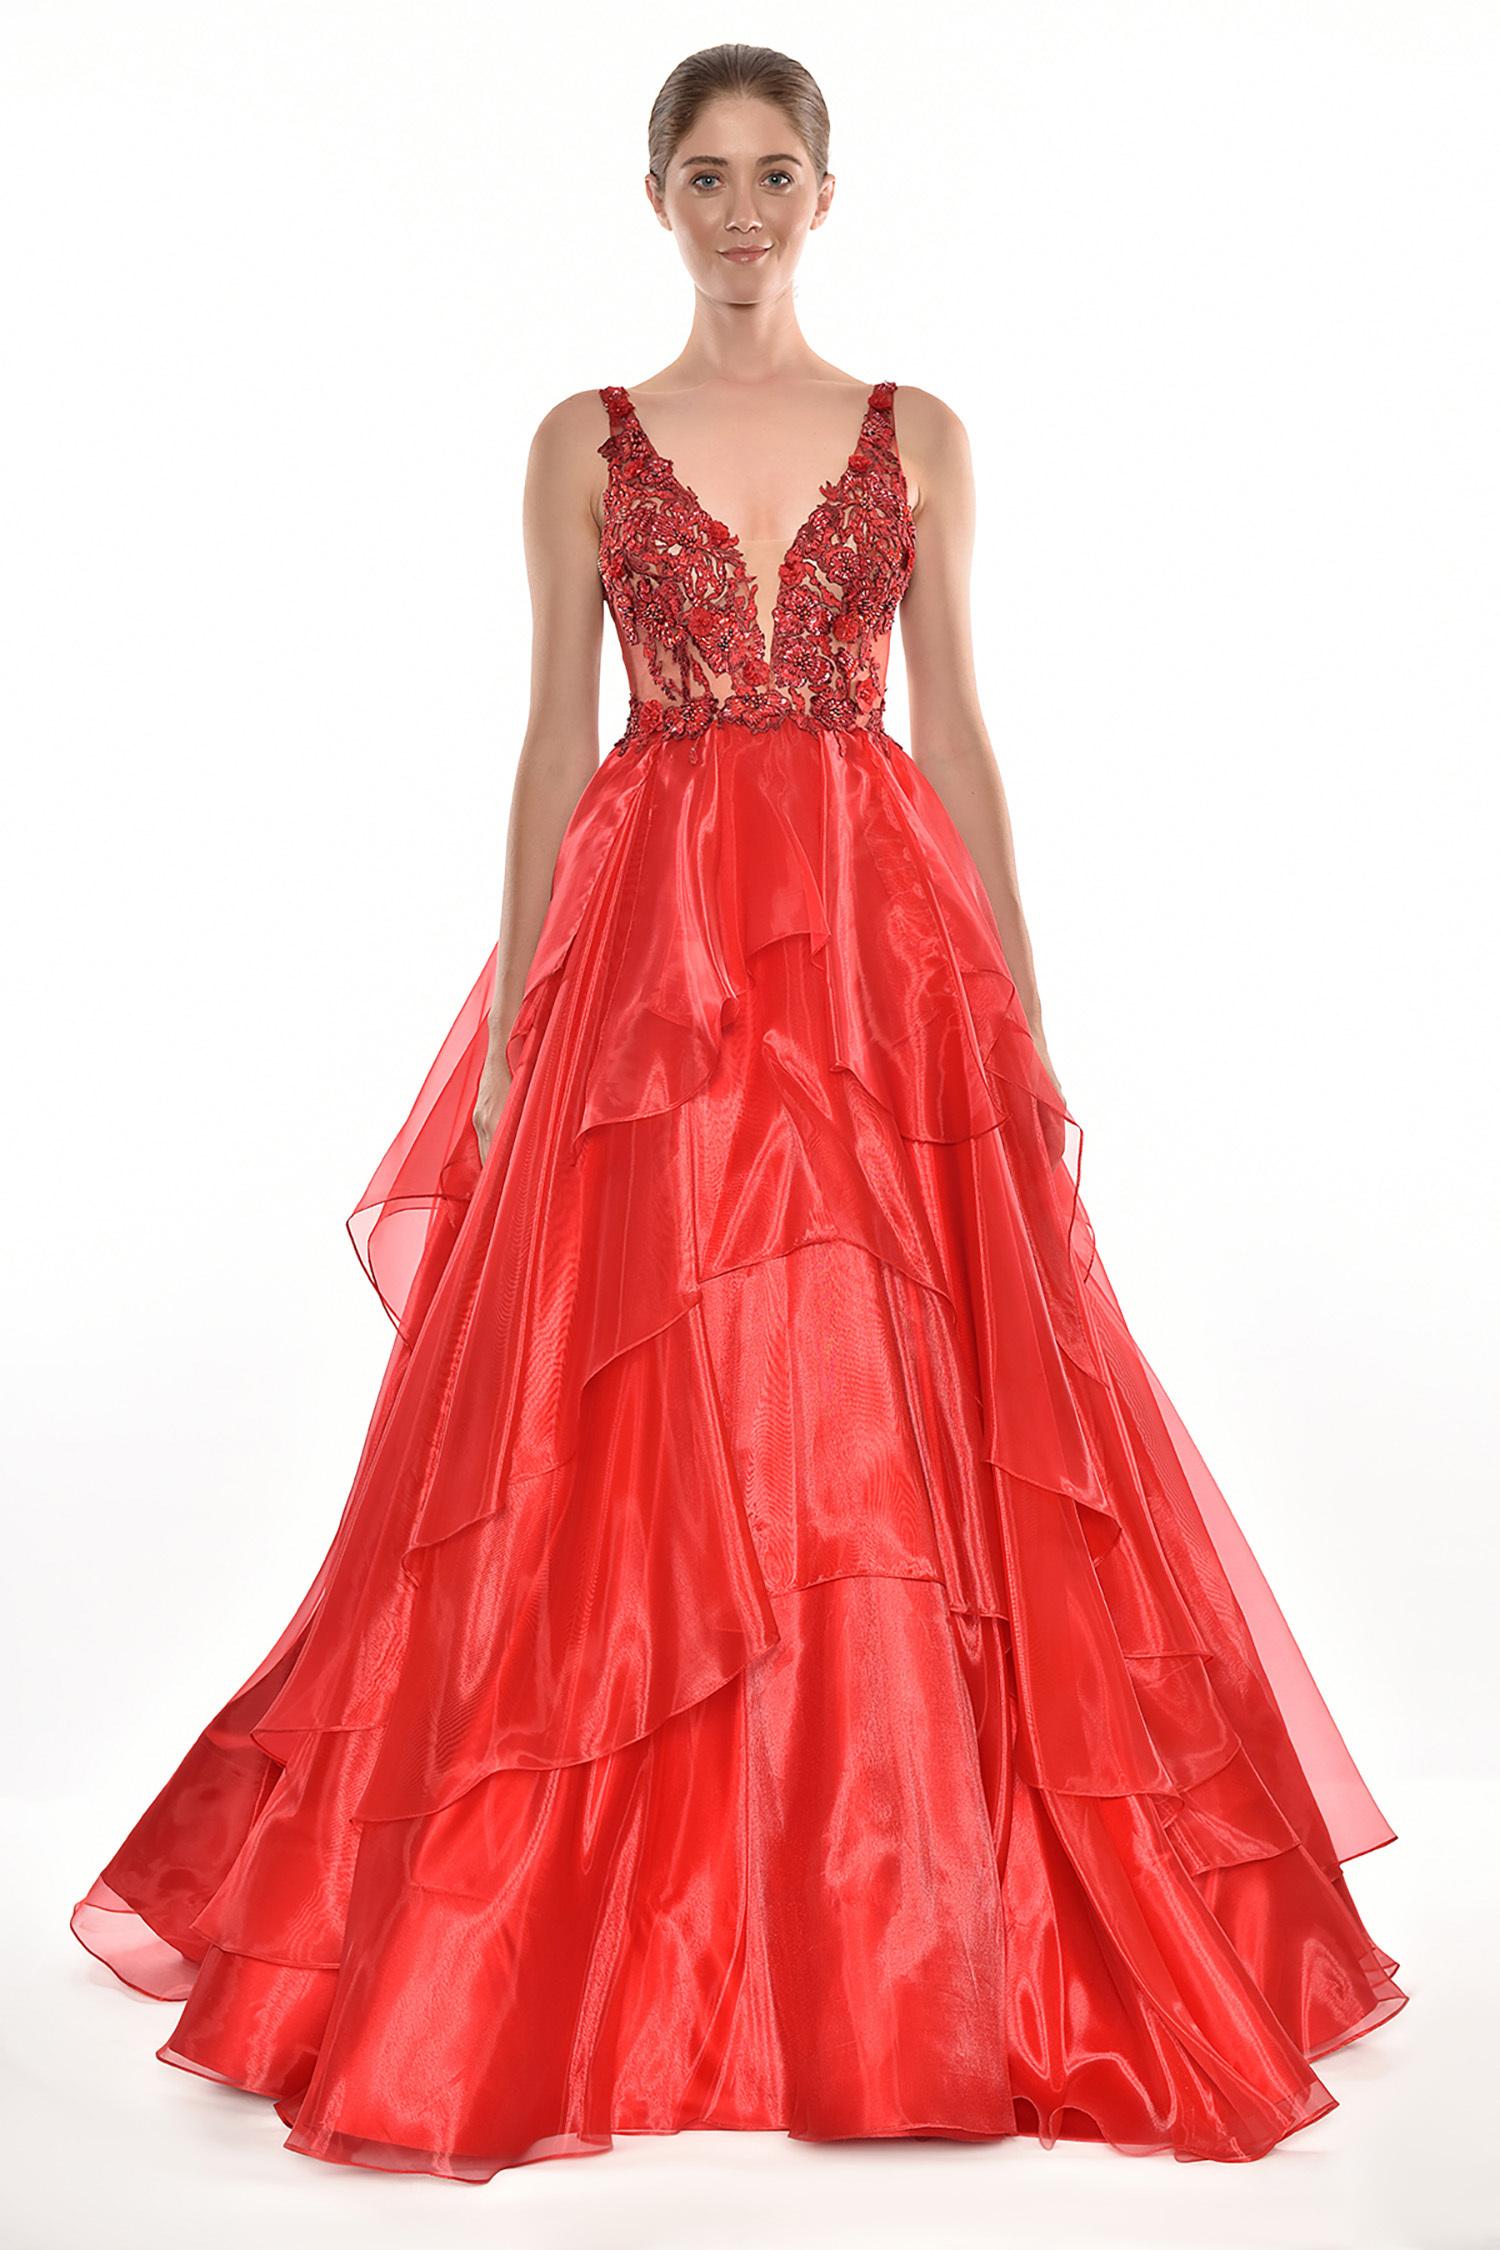 Alfa Beta - Kırmızı Dantel İşlemeli Askılı Kat Etekli Uzun Elbise